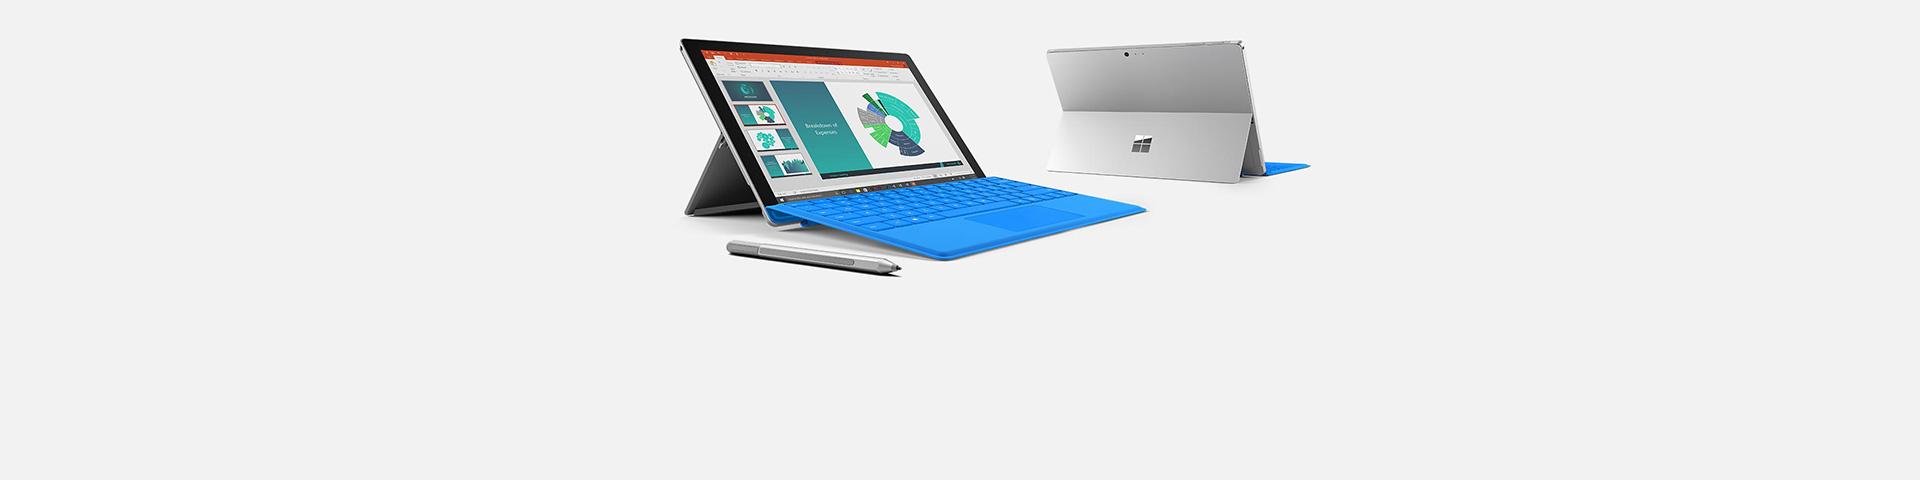 Surface Pro 4-enheter, les mer om dem